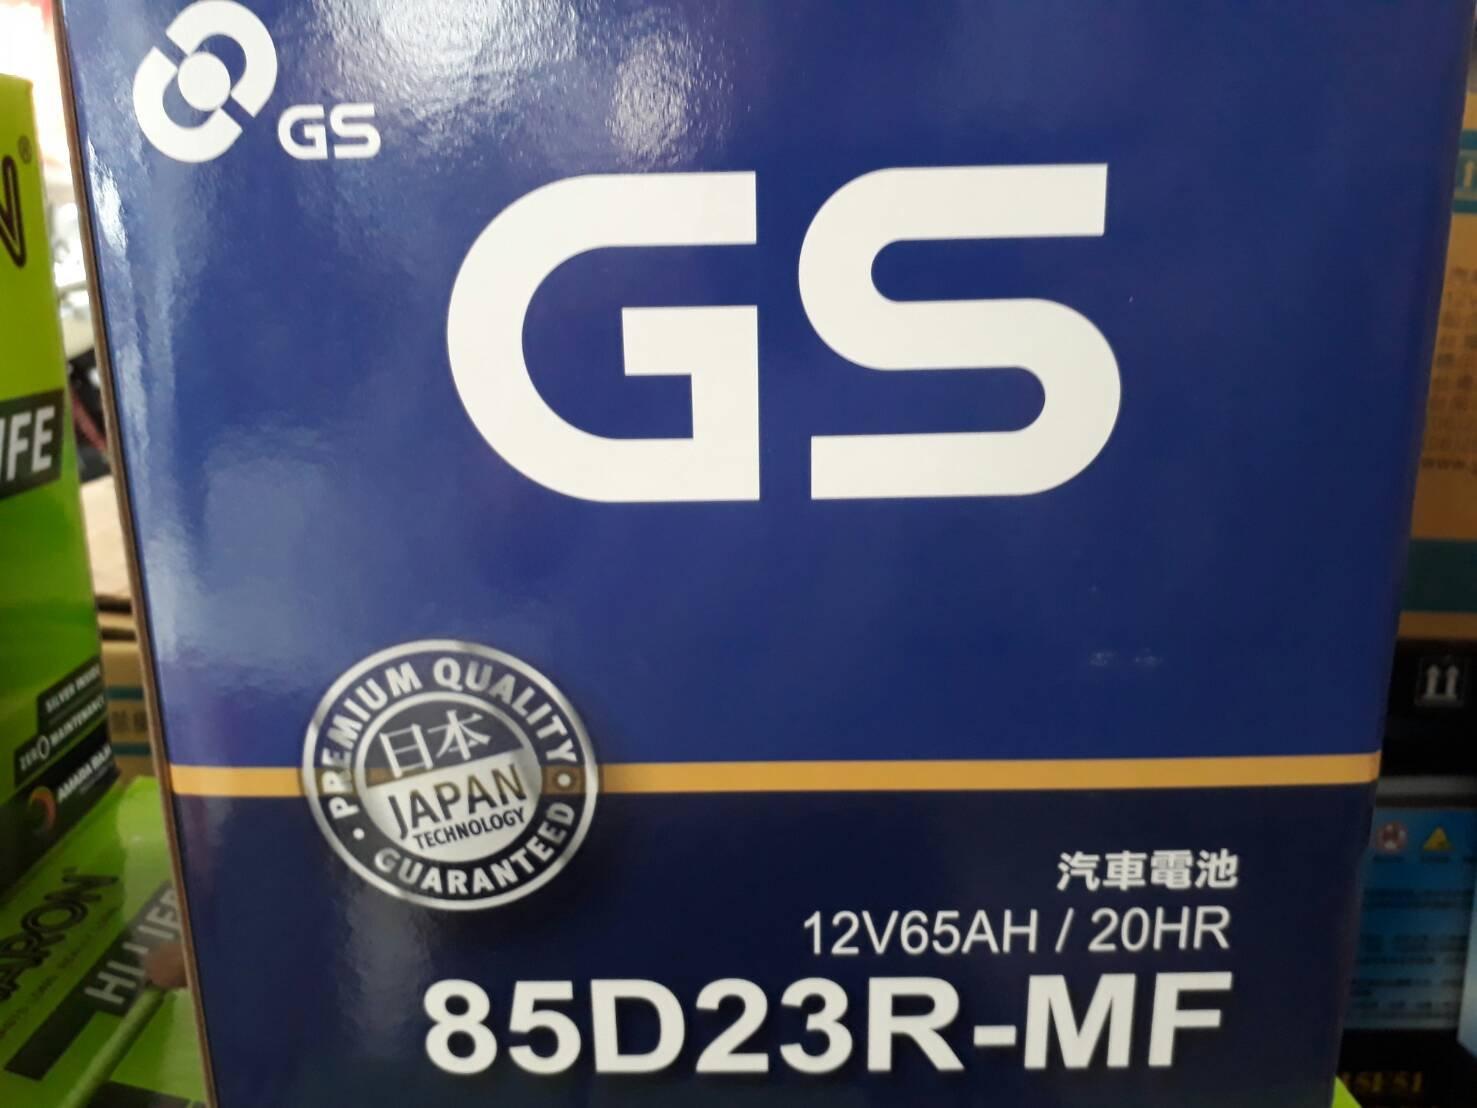 [新莊實體店面]~GS 杰士 統力 加水 85D23R (= 75D23R 90D23R ,55D23R 加強)